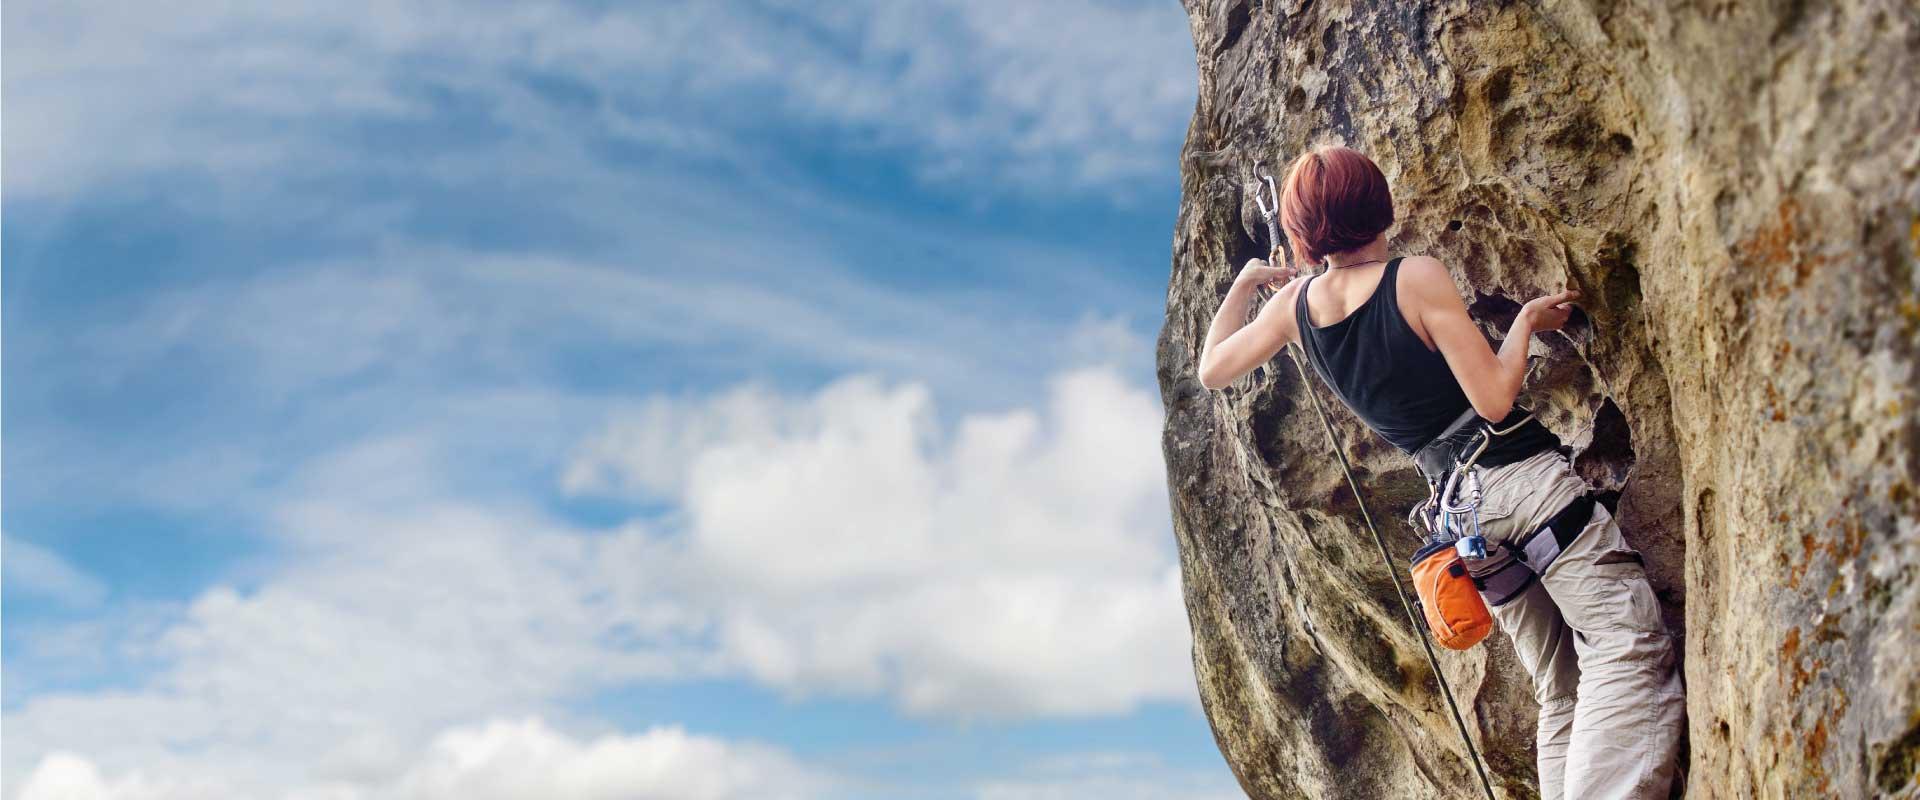 cursos-escalada-aire-libre